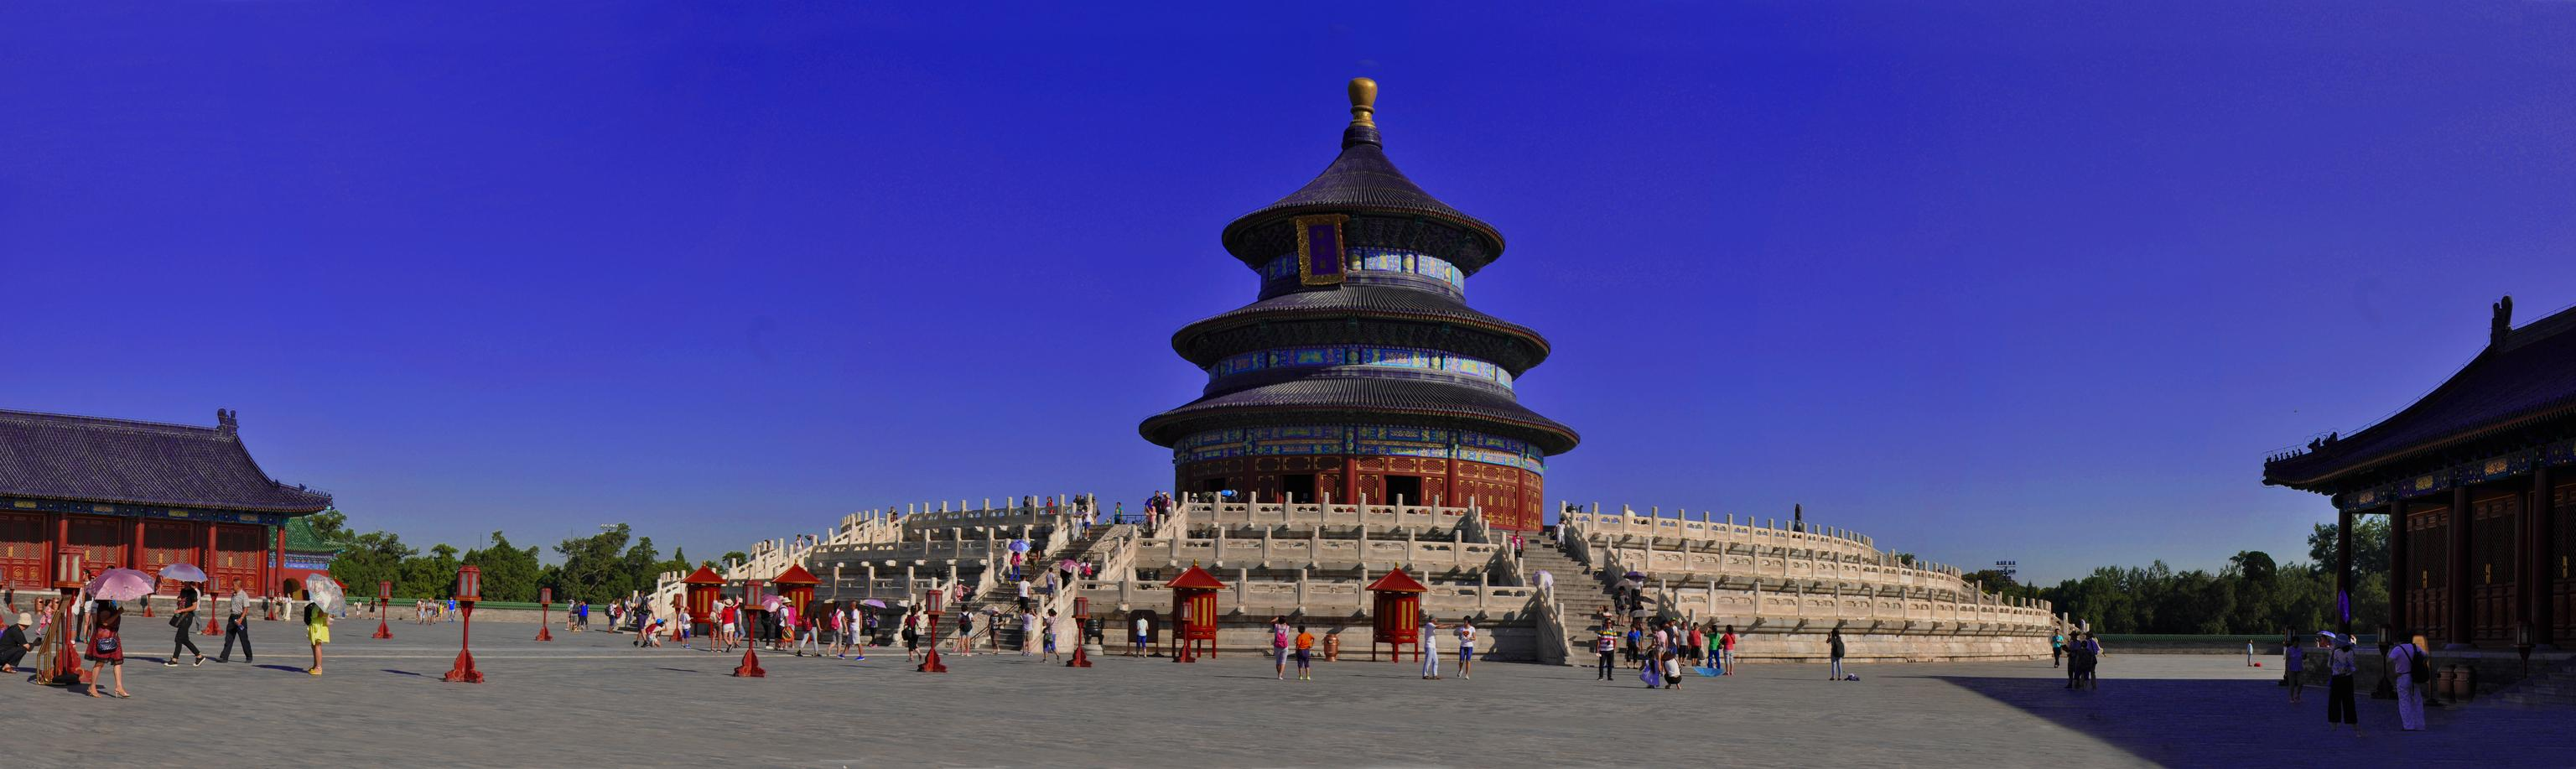 天坛祈年殿中间有4根高192米地面直径为12米的龙井柱。4根龙井柱的占地面积1共是多少